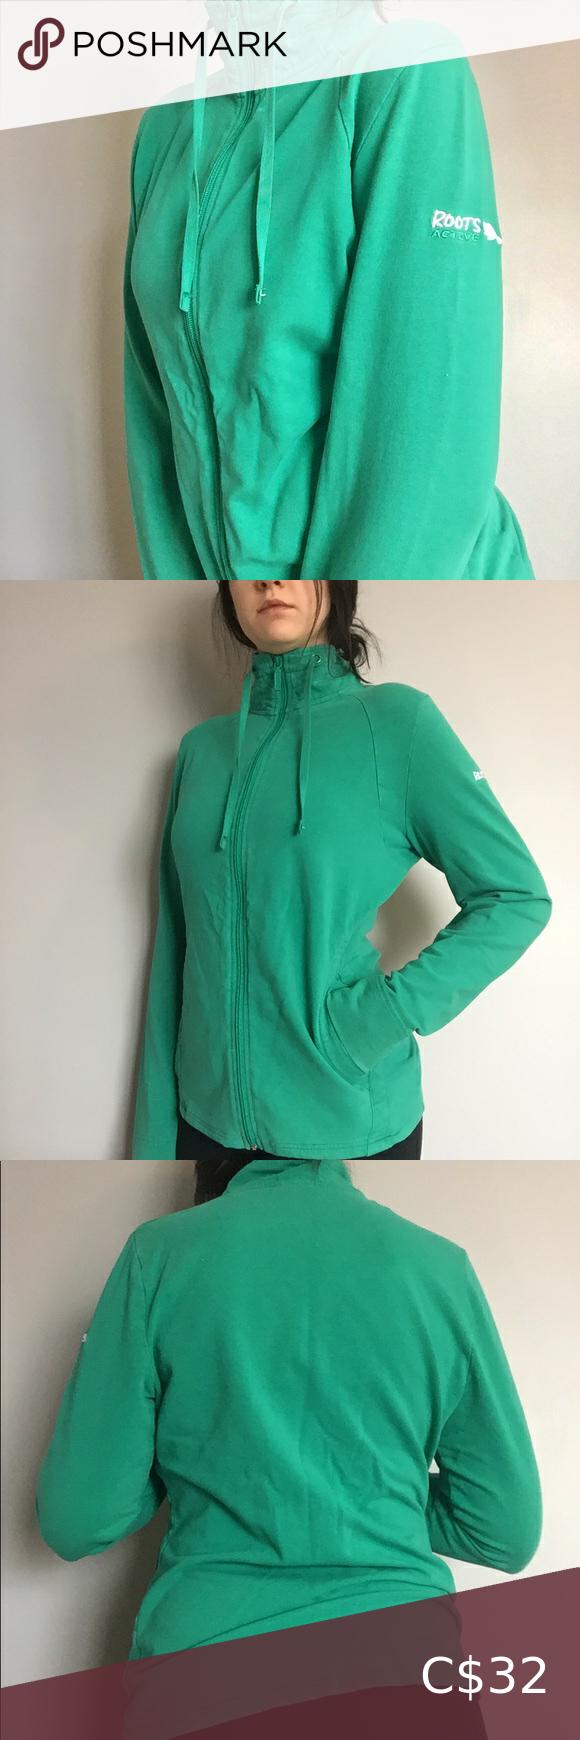 Roots Zipper Sweater